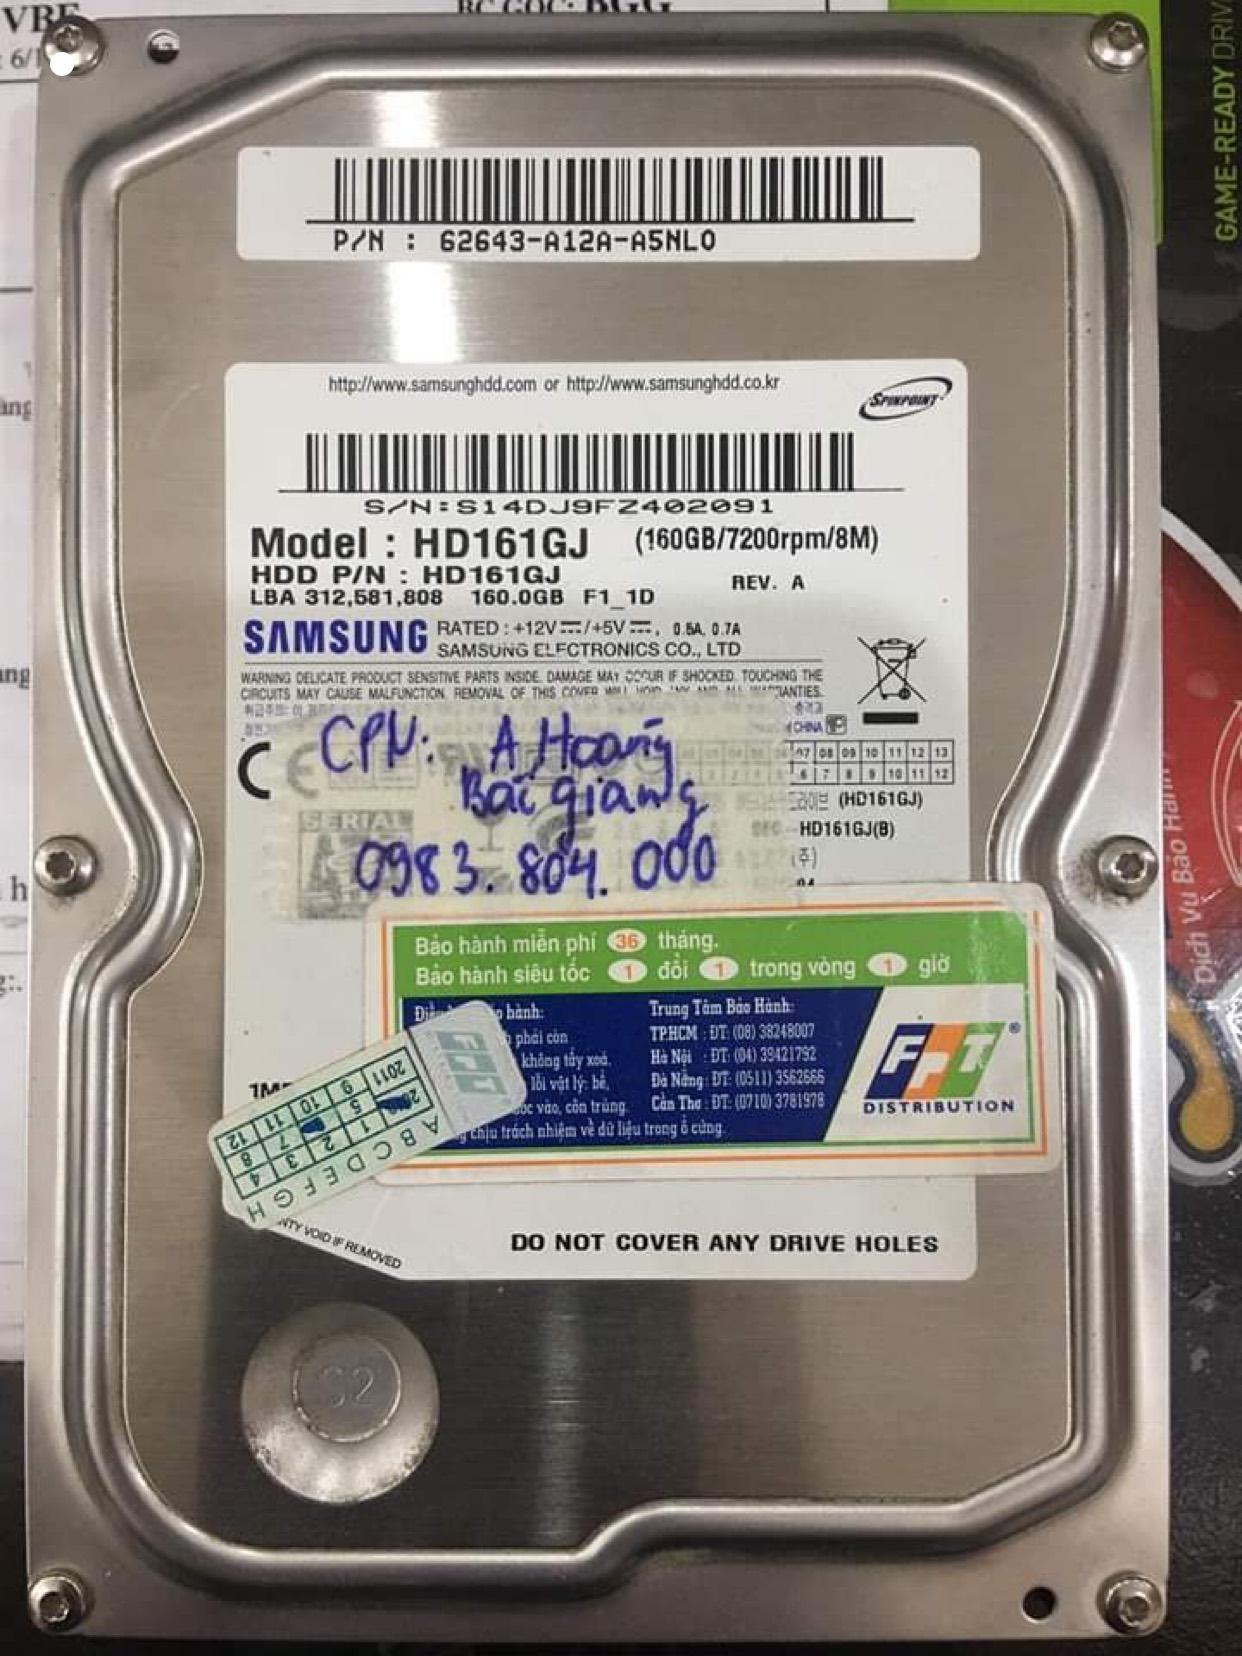 Cứu dữ liệu ổ cứng Samsung 160GB lỗi đầu đọc tại Bắc Giang 22/06/2020 - cuumaytinh